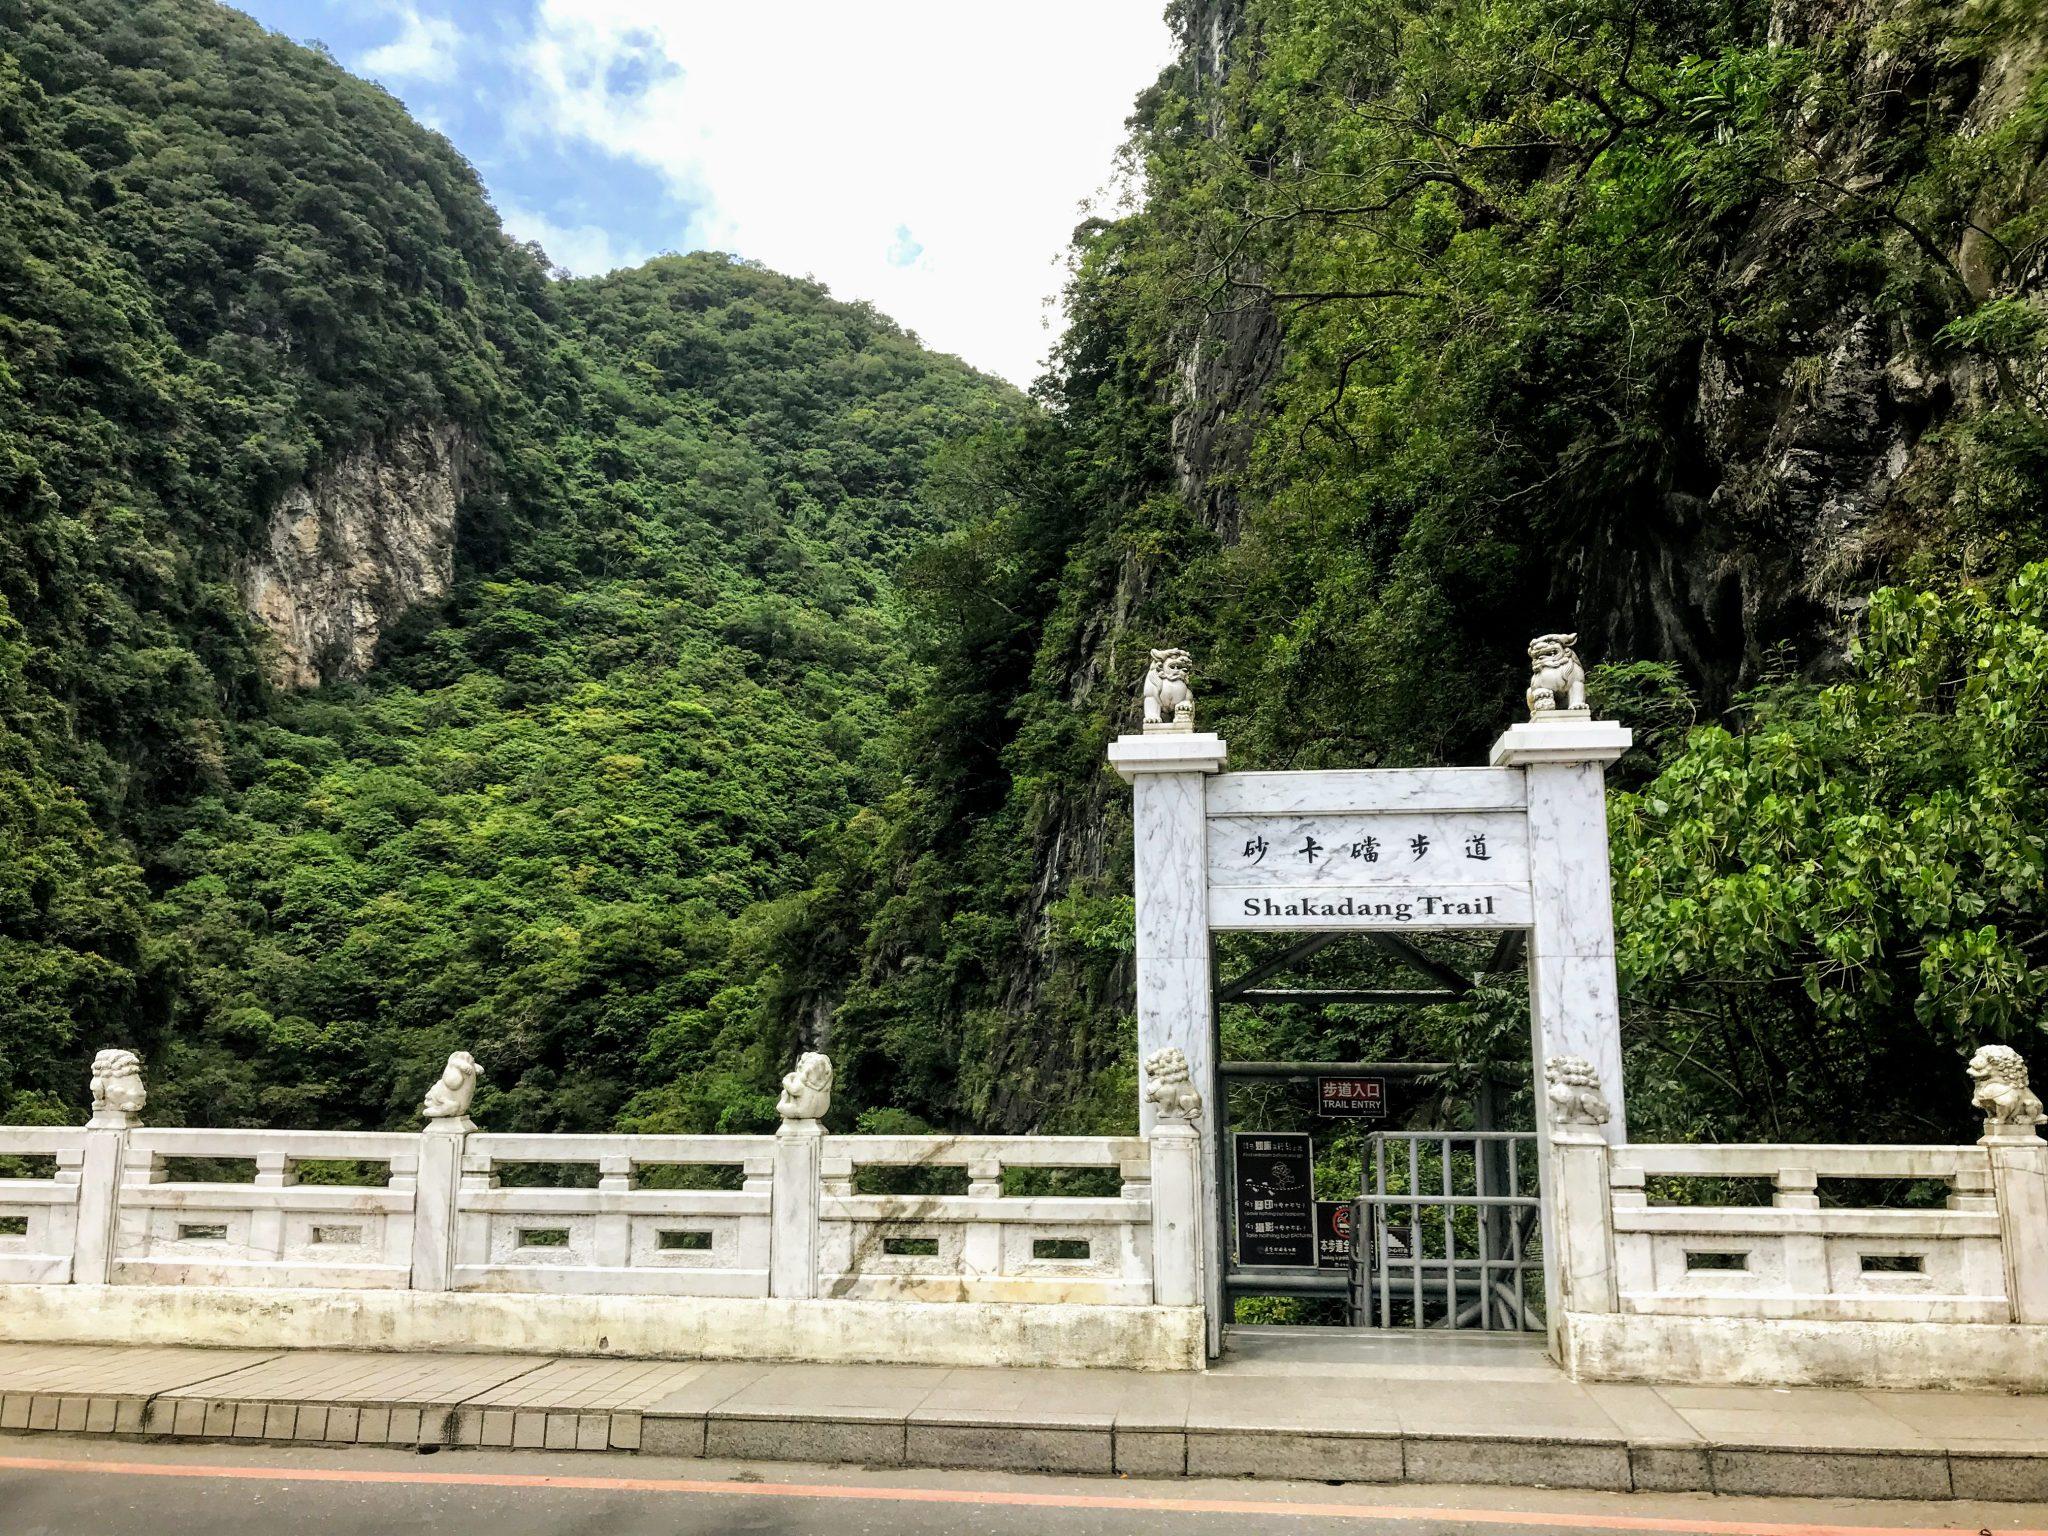 Shakadang Trail, Taroko Gorge, Taiwan